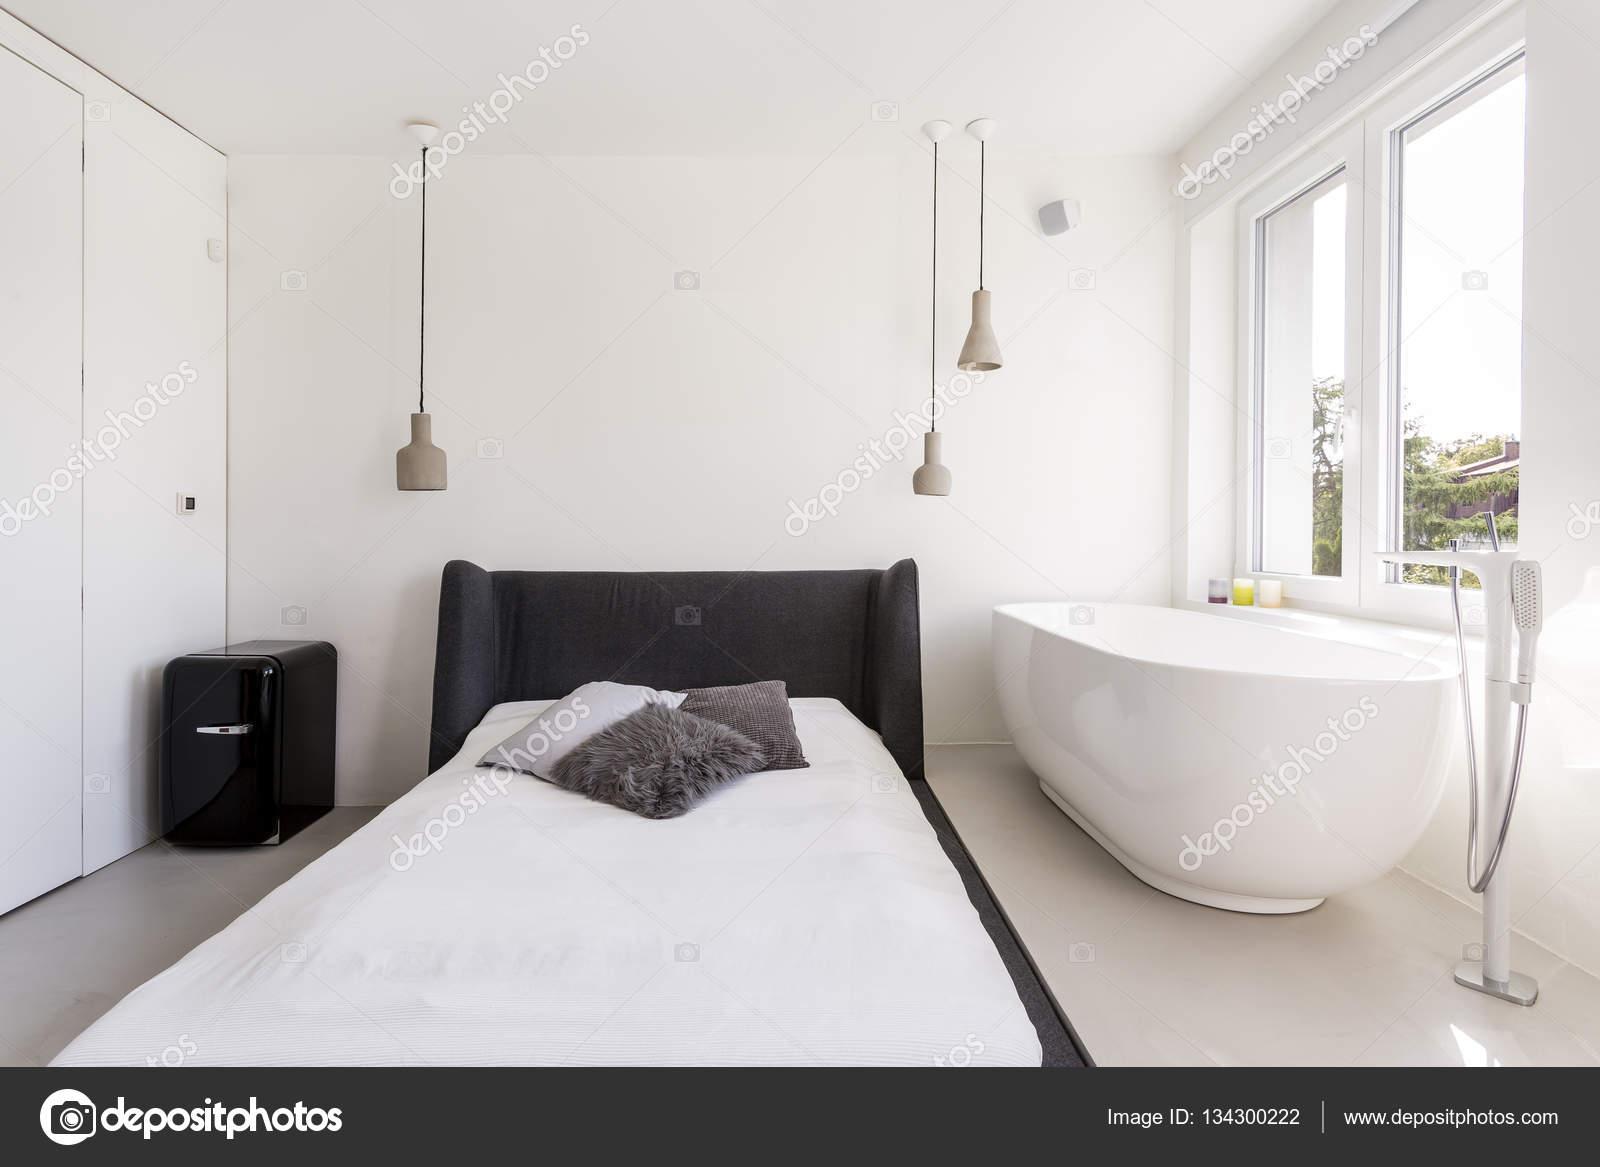 Vasca Da Bagno Kuvet : Misafir odası yatak ve küvet u stok foto photographee eu